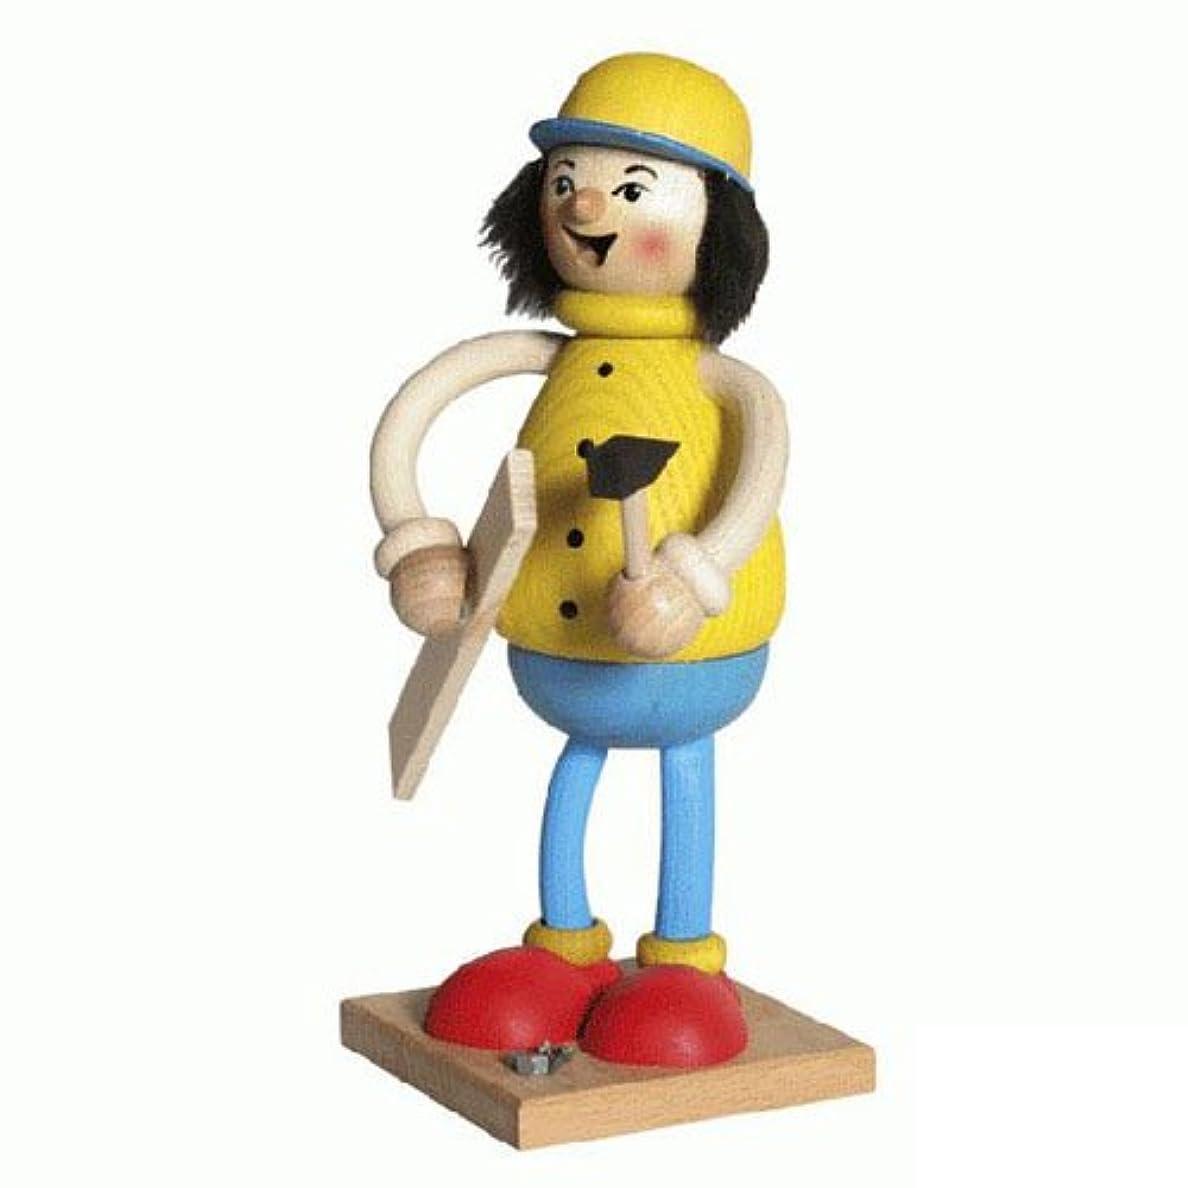 泣き叫ぶ球状典型的な39096 Kuhnert(クーネルト) ミニパイプ人形香炉 DIY